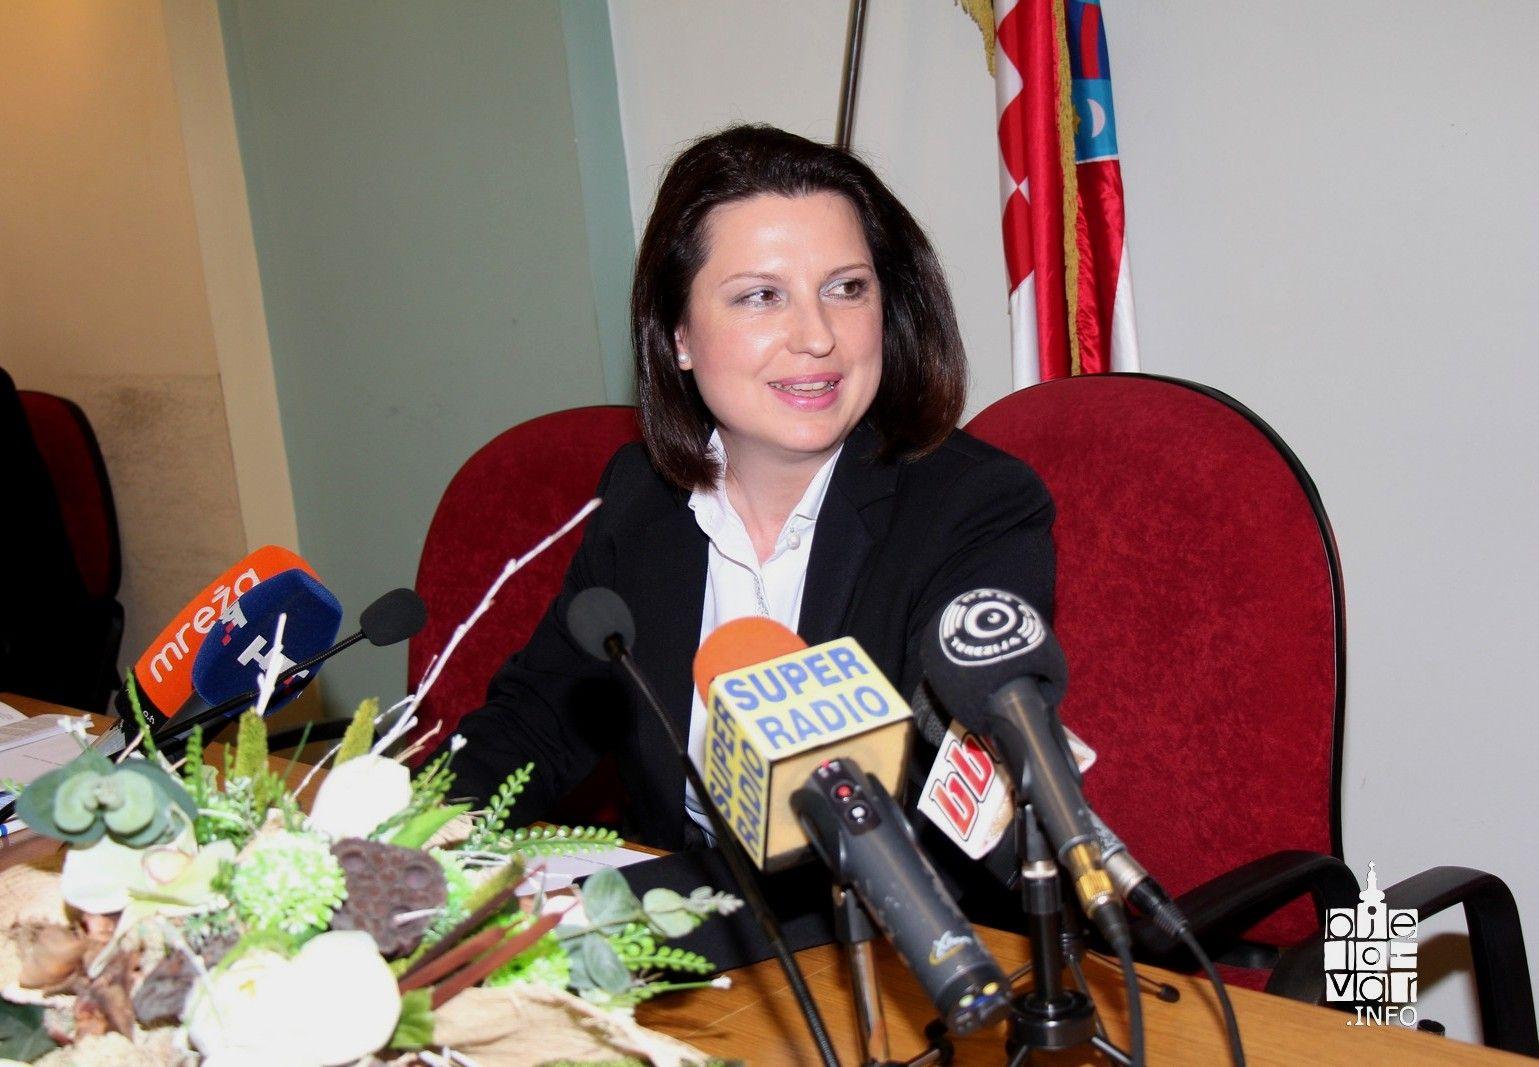 Za predsjednicu Županijske skupštine Bjelovarsko bilogorske izabrana Đurđica Ištef Benšić, za potpredsjednike Zlatko Barila i Silvestar Štefović